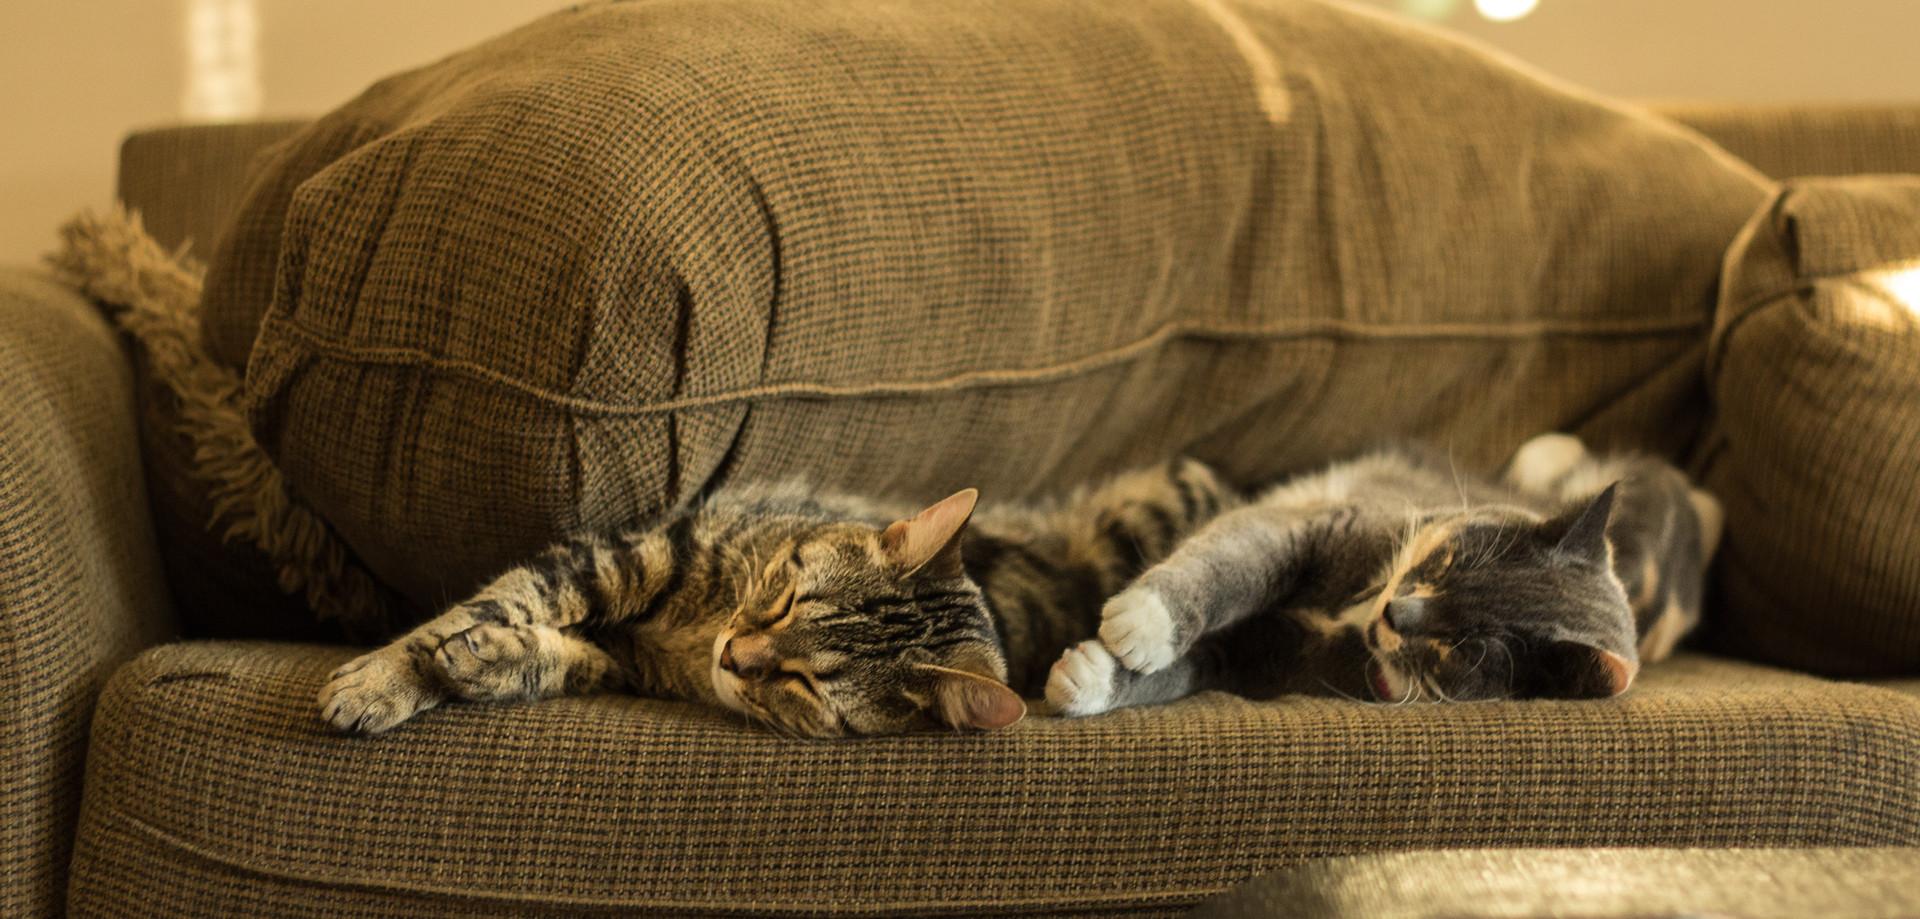 Сколько котиков можно оставить дома?